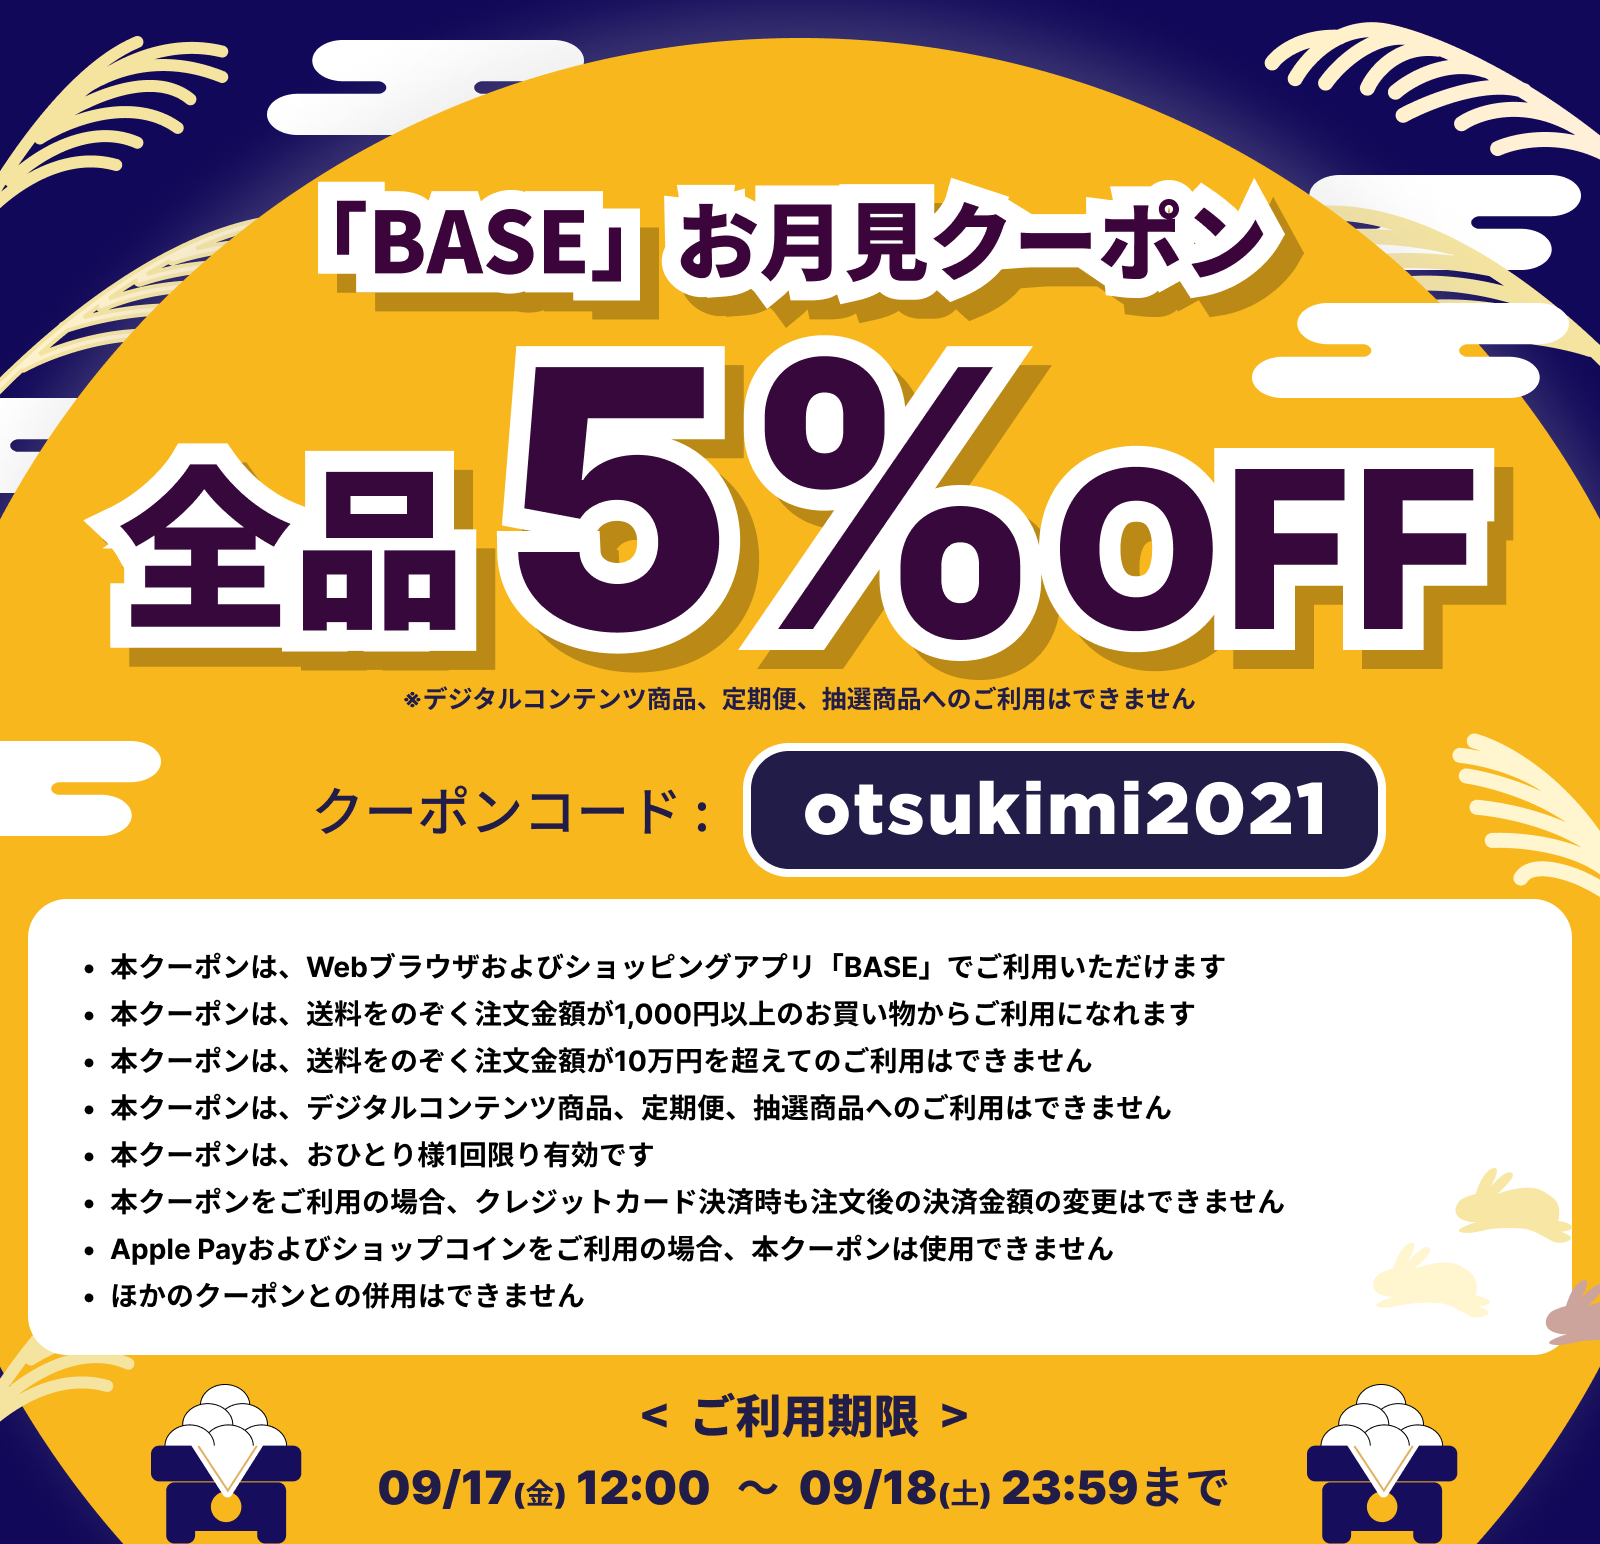 ☆[9/17〜18] 5%offクーポンプレゼント![BASEクーポン]☆